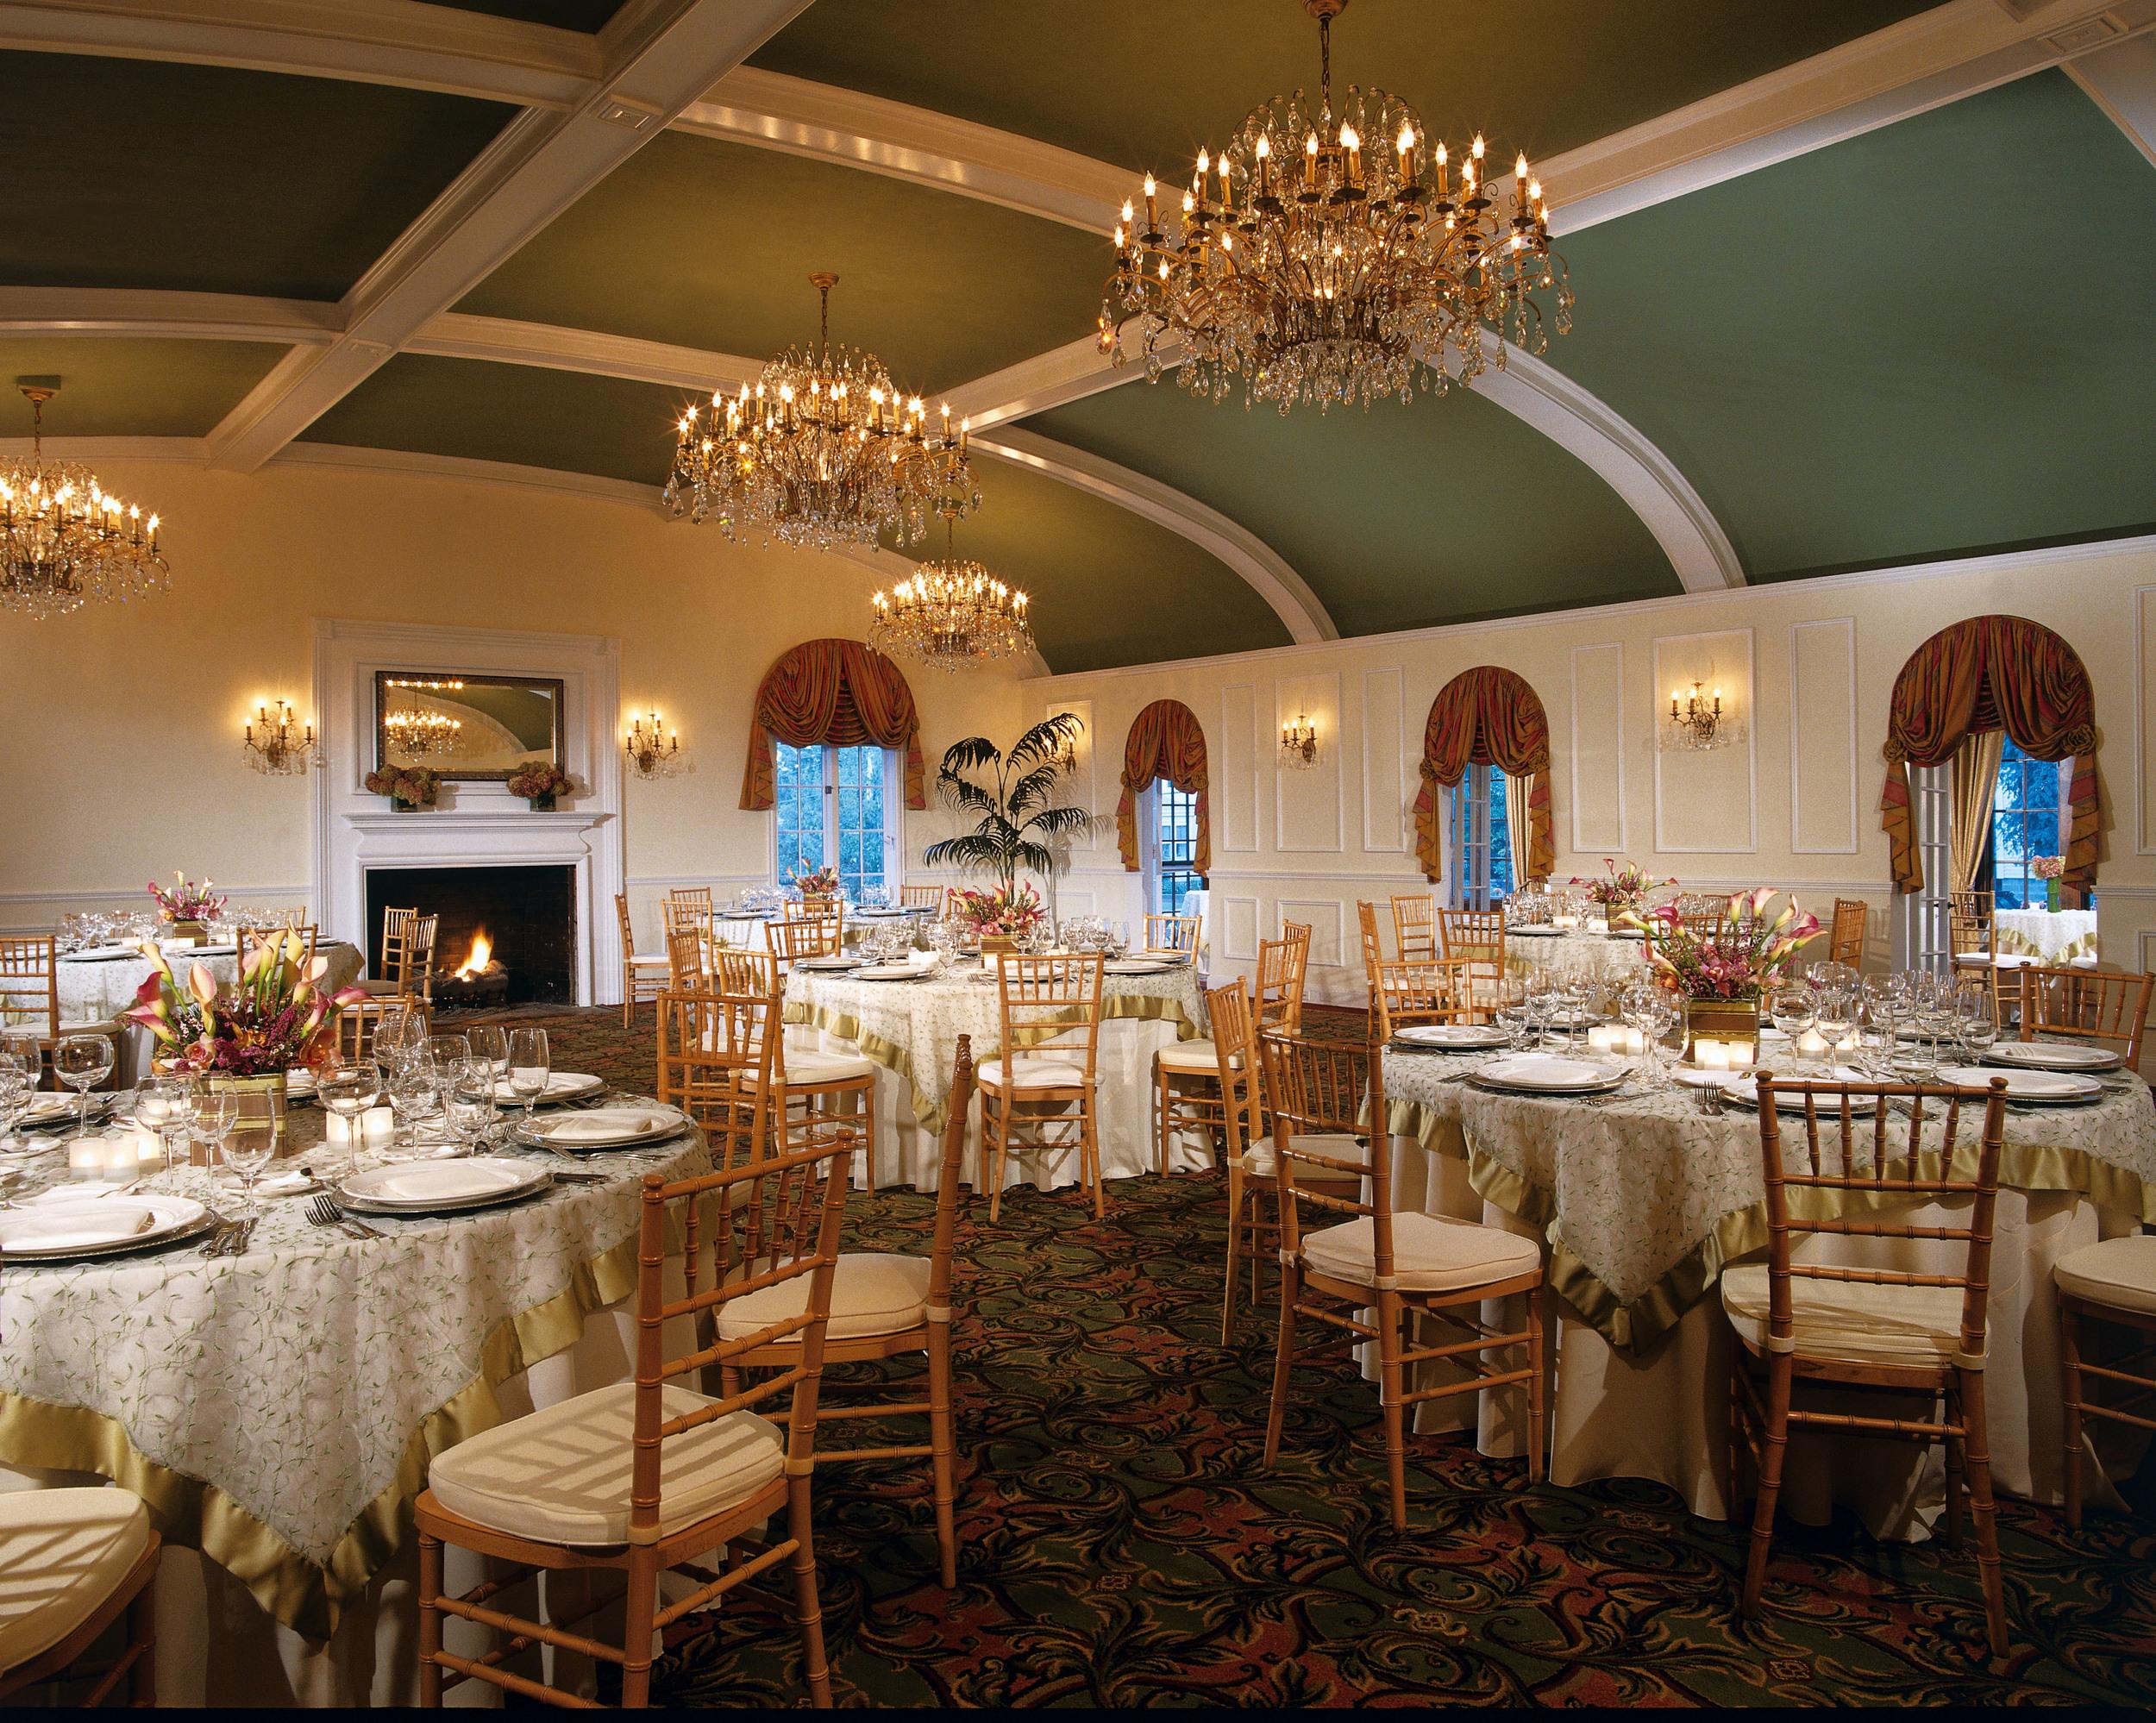 Ballroom_dining_9908_standard.jpg